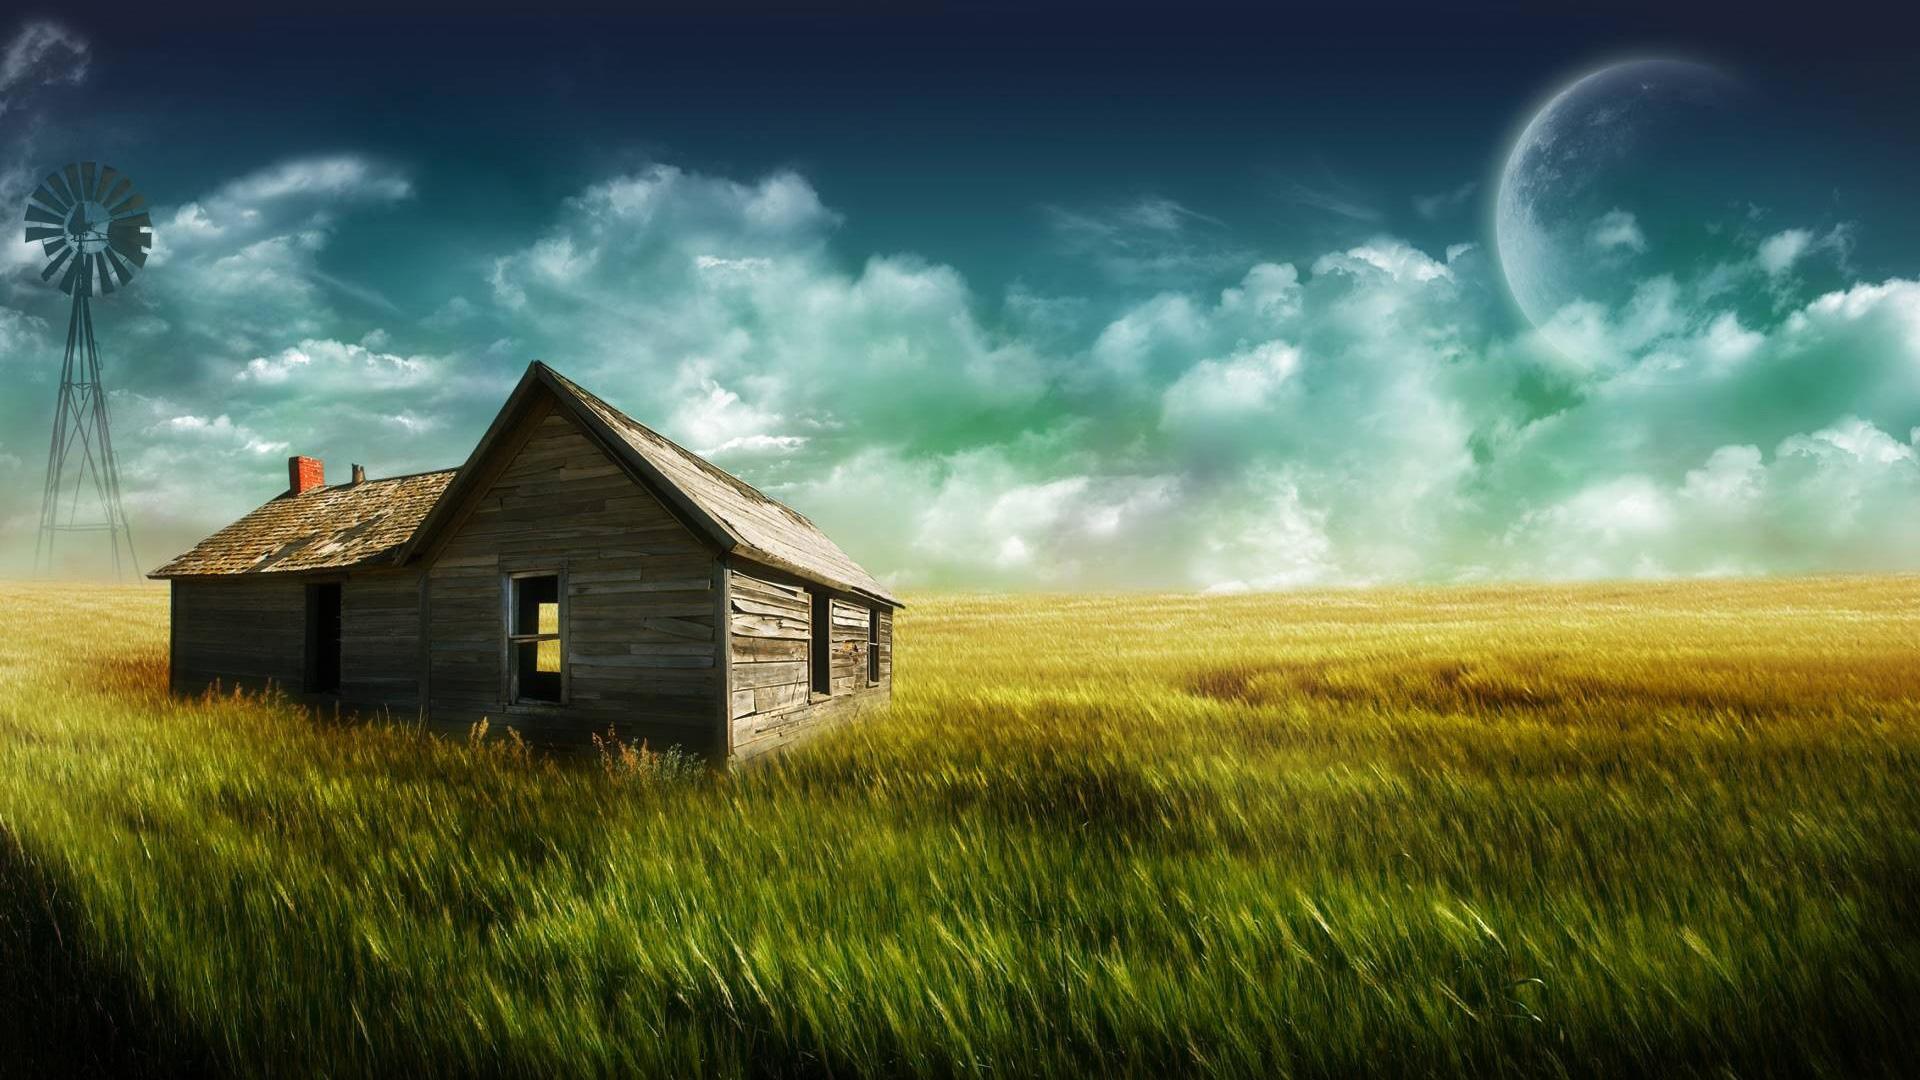 the farm house hd 1080p wallpaper 800x600 the farm house hd 1080p 1920x1080